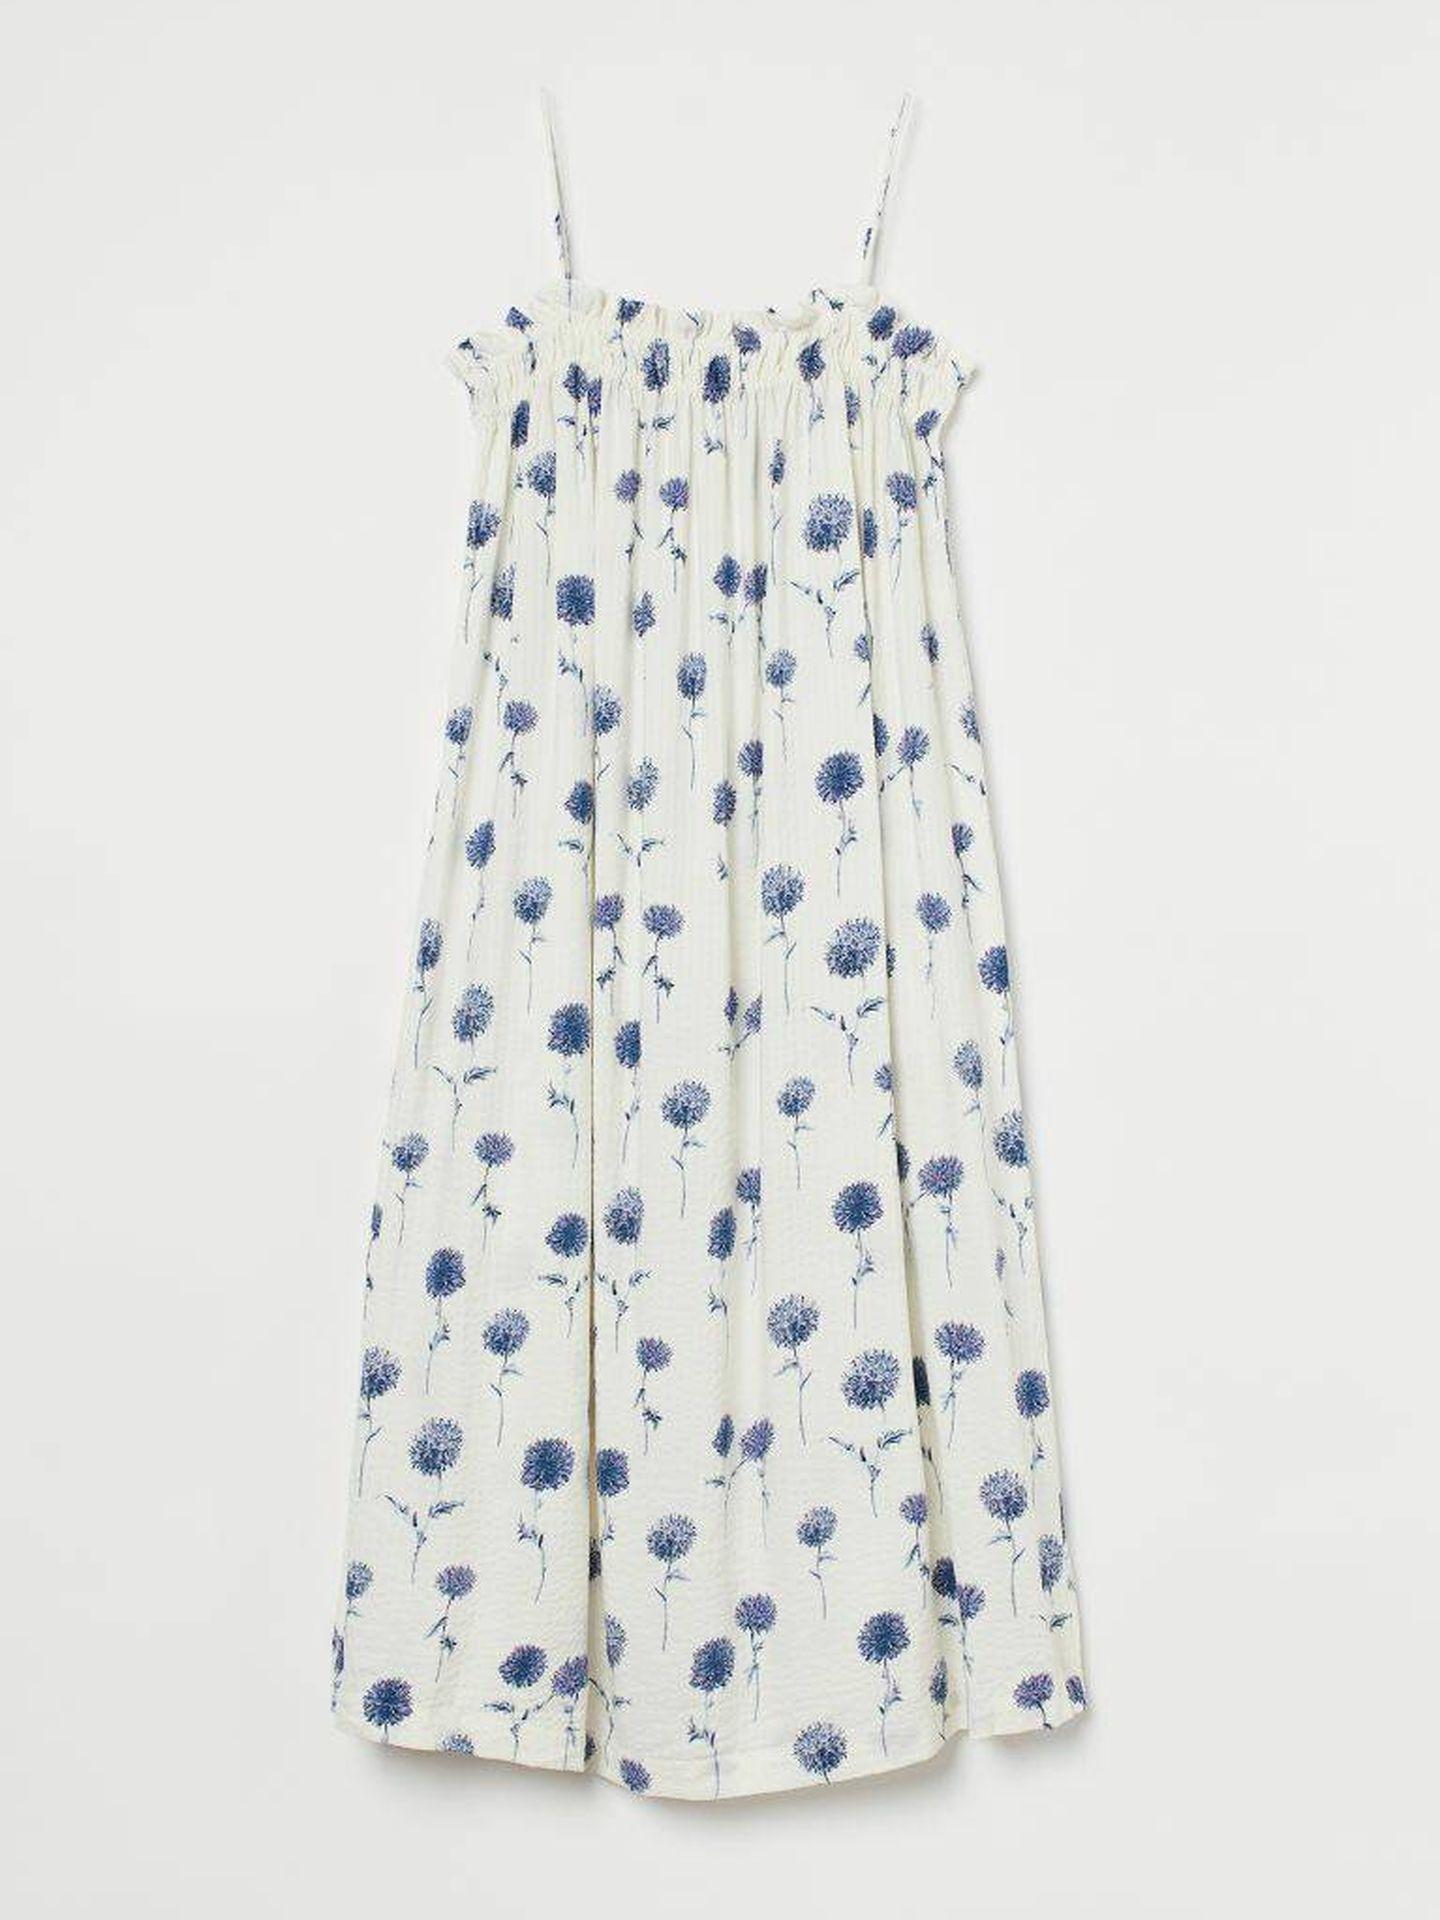 El vestido low cost y ligero de HyM. (Cortesía)